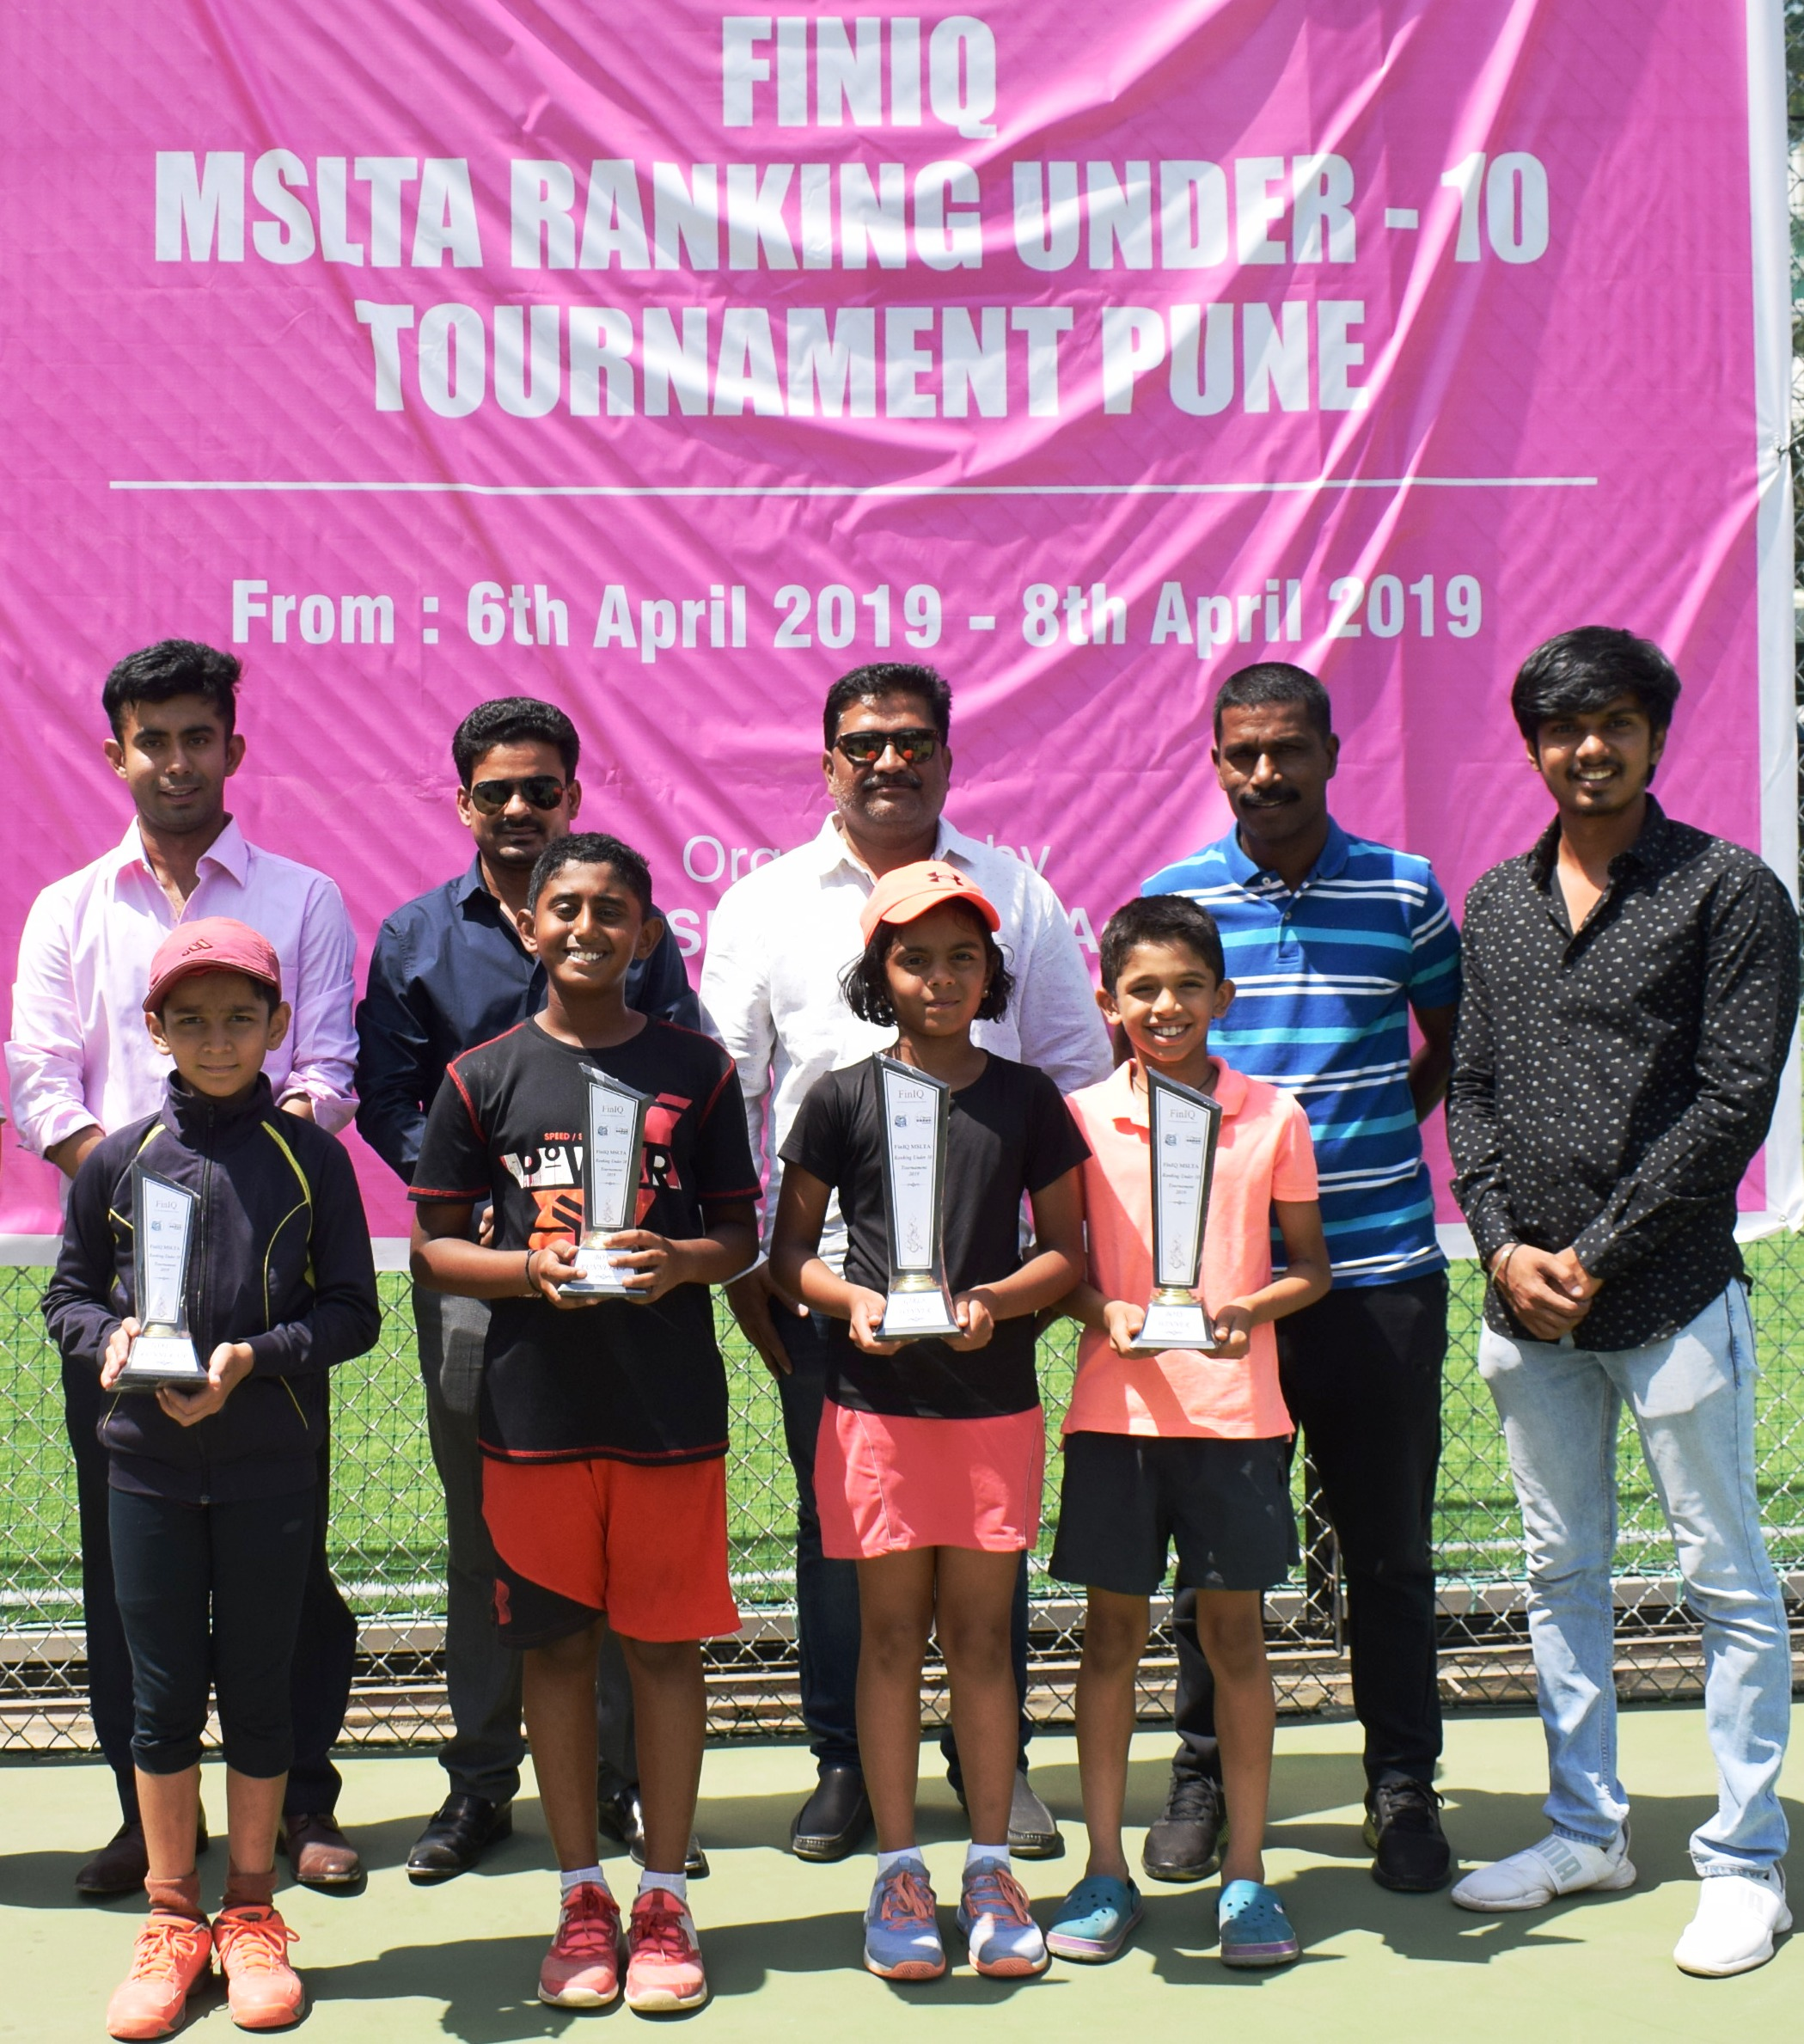 टेनिस स्पर्धेत नील केळकर, प्रिशा शिंदे यांना विजेतेपद